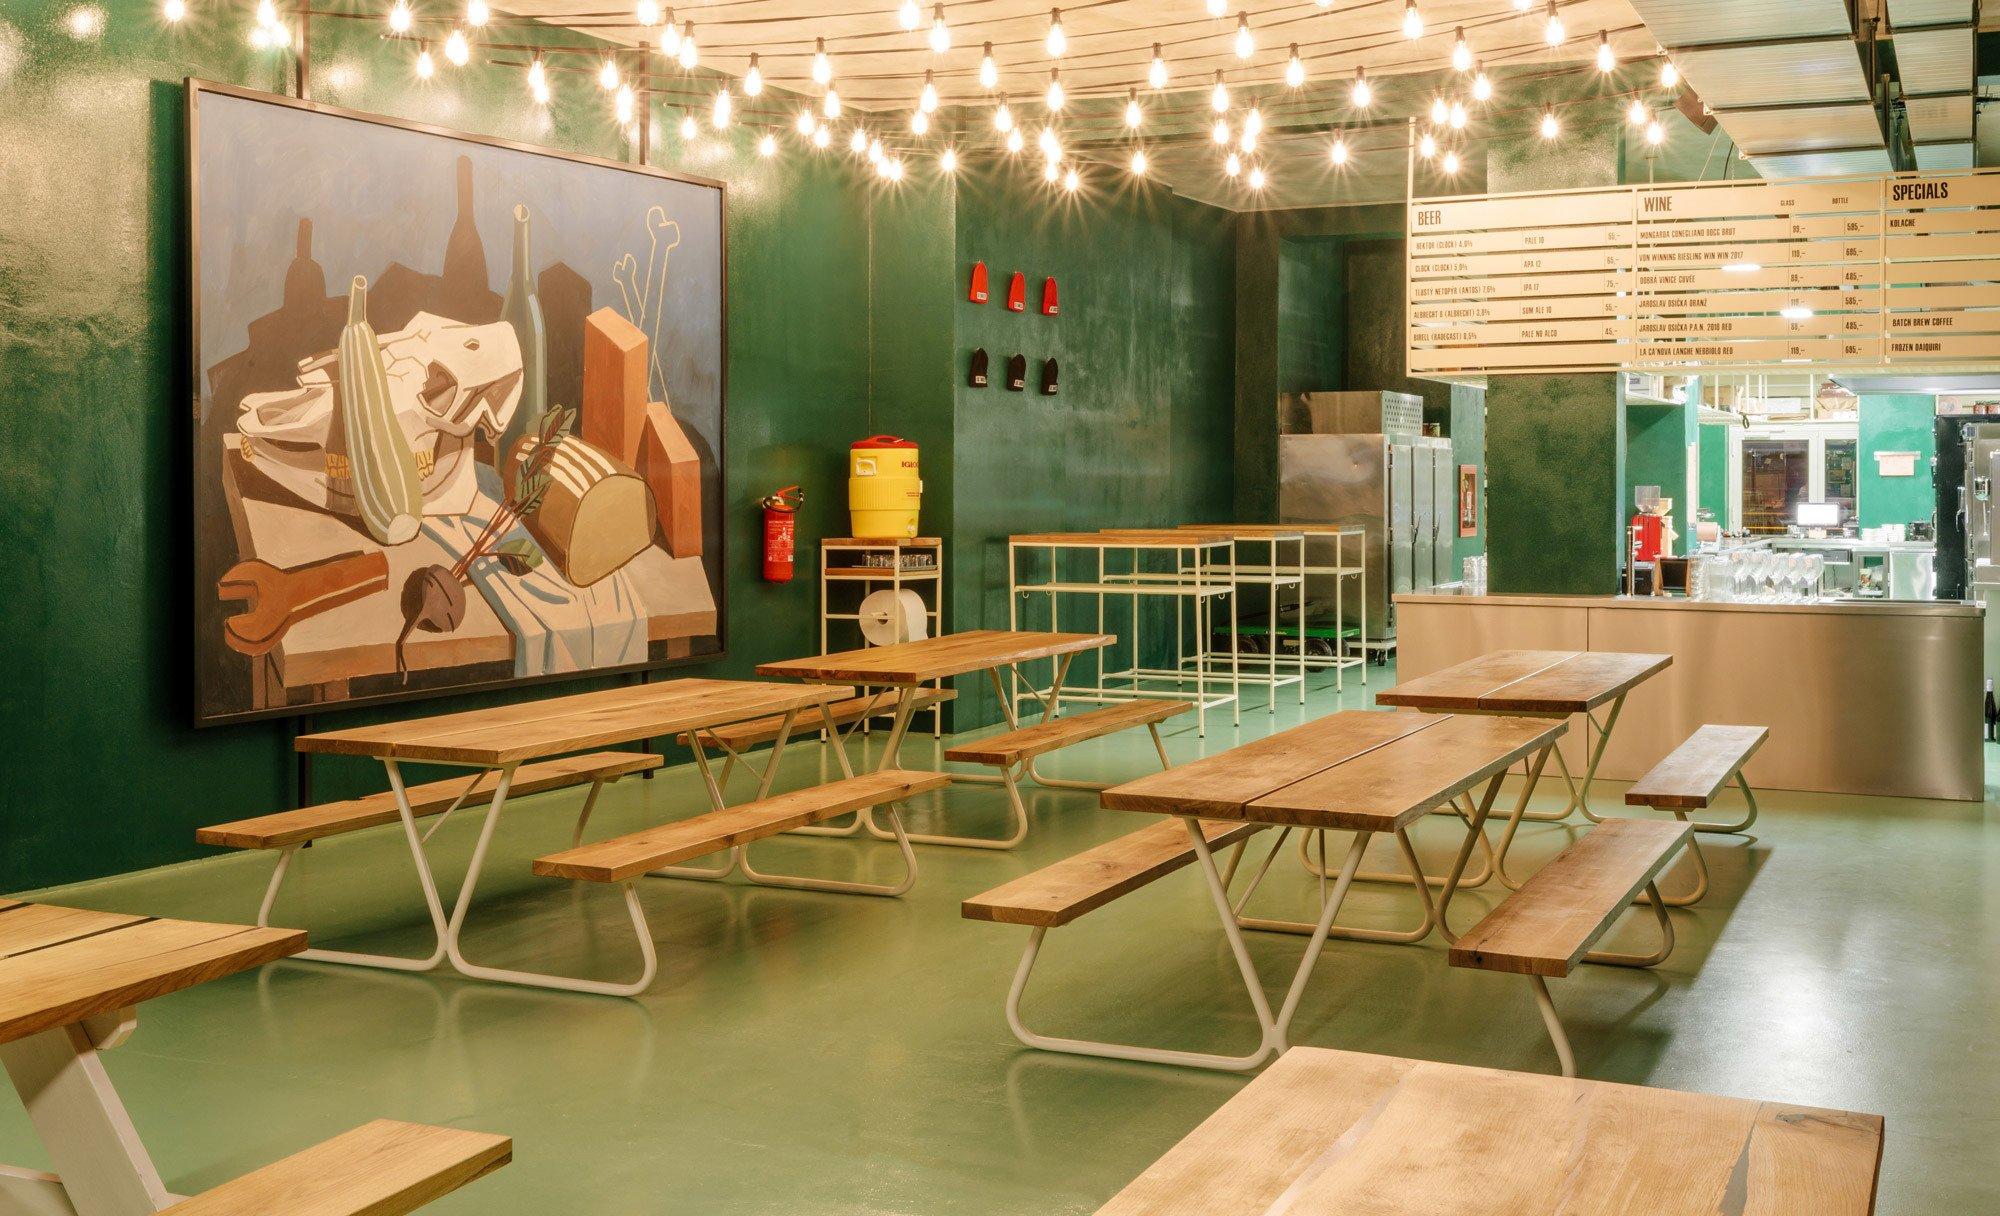 Das Big Smokers von 0.5 Studio wirkt wie eine Art amerikanisches Ufo, das das Prager Hipster-Viertel Holešovice mit seiner industriellen Vergangenheit versöhnt.